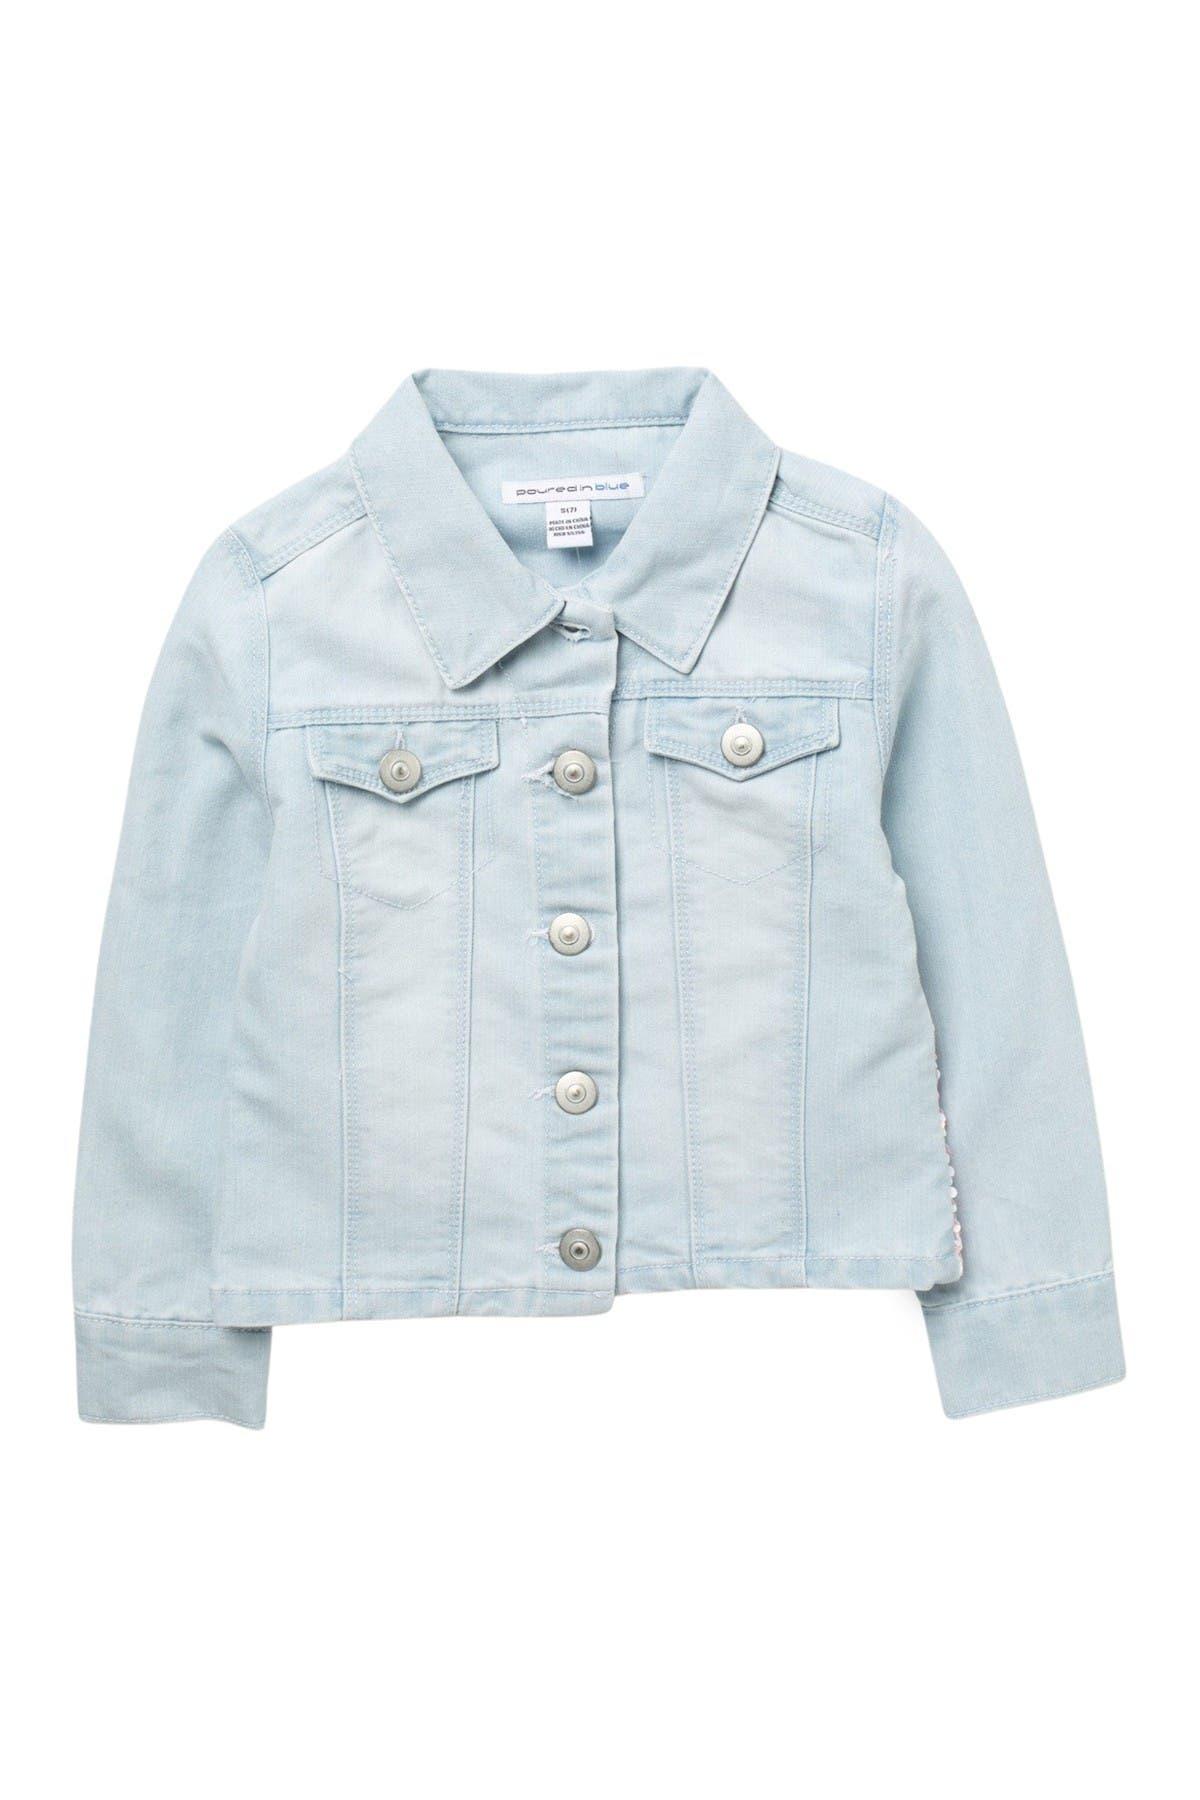 Image of Poured In Blue Flip Sequin Denim Jacket